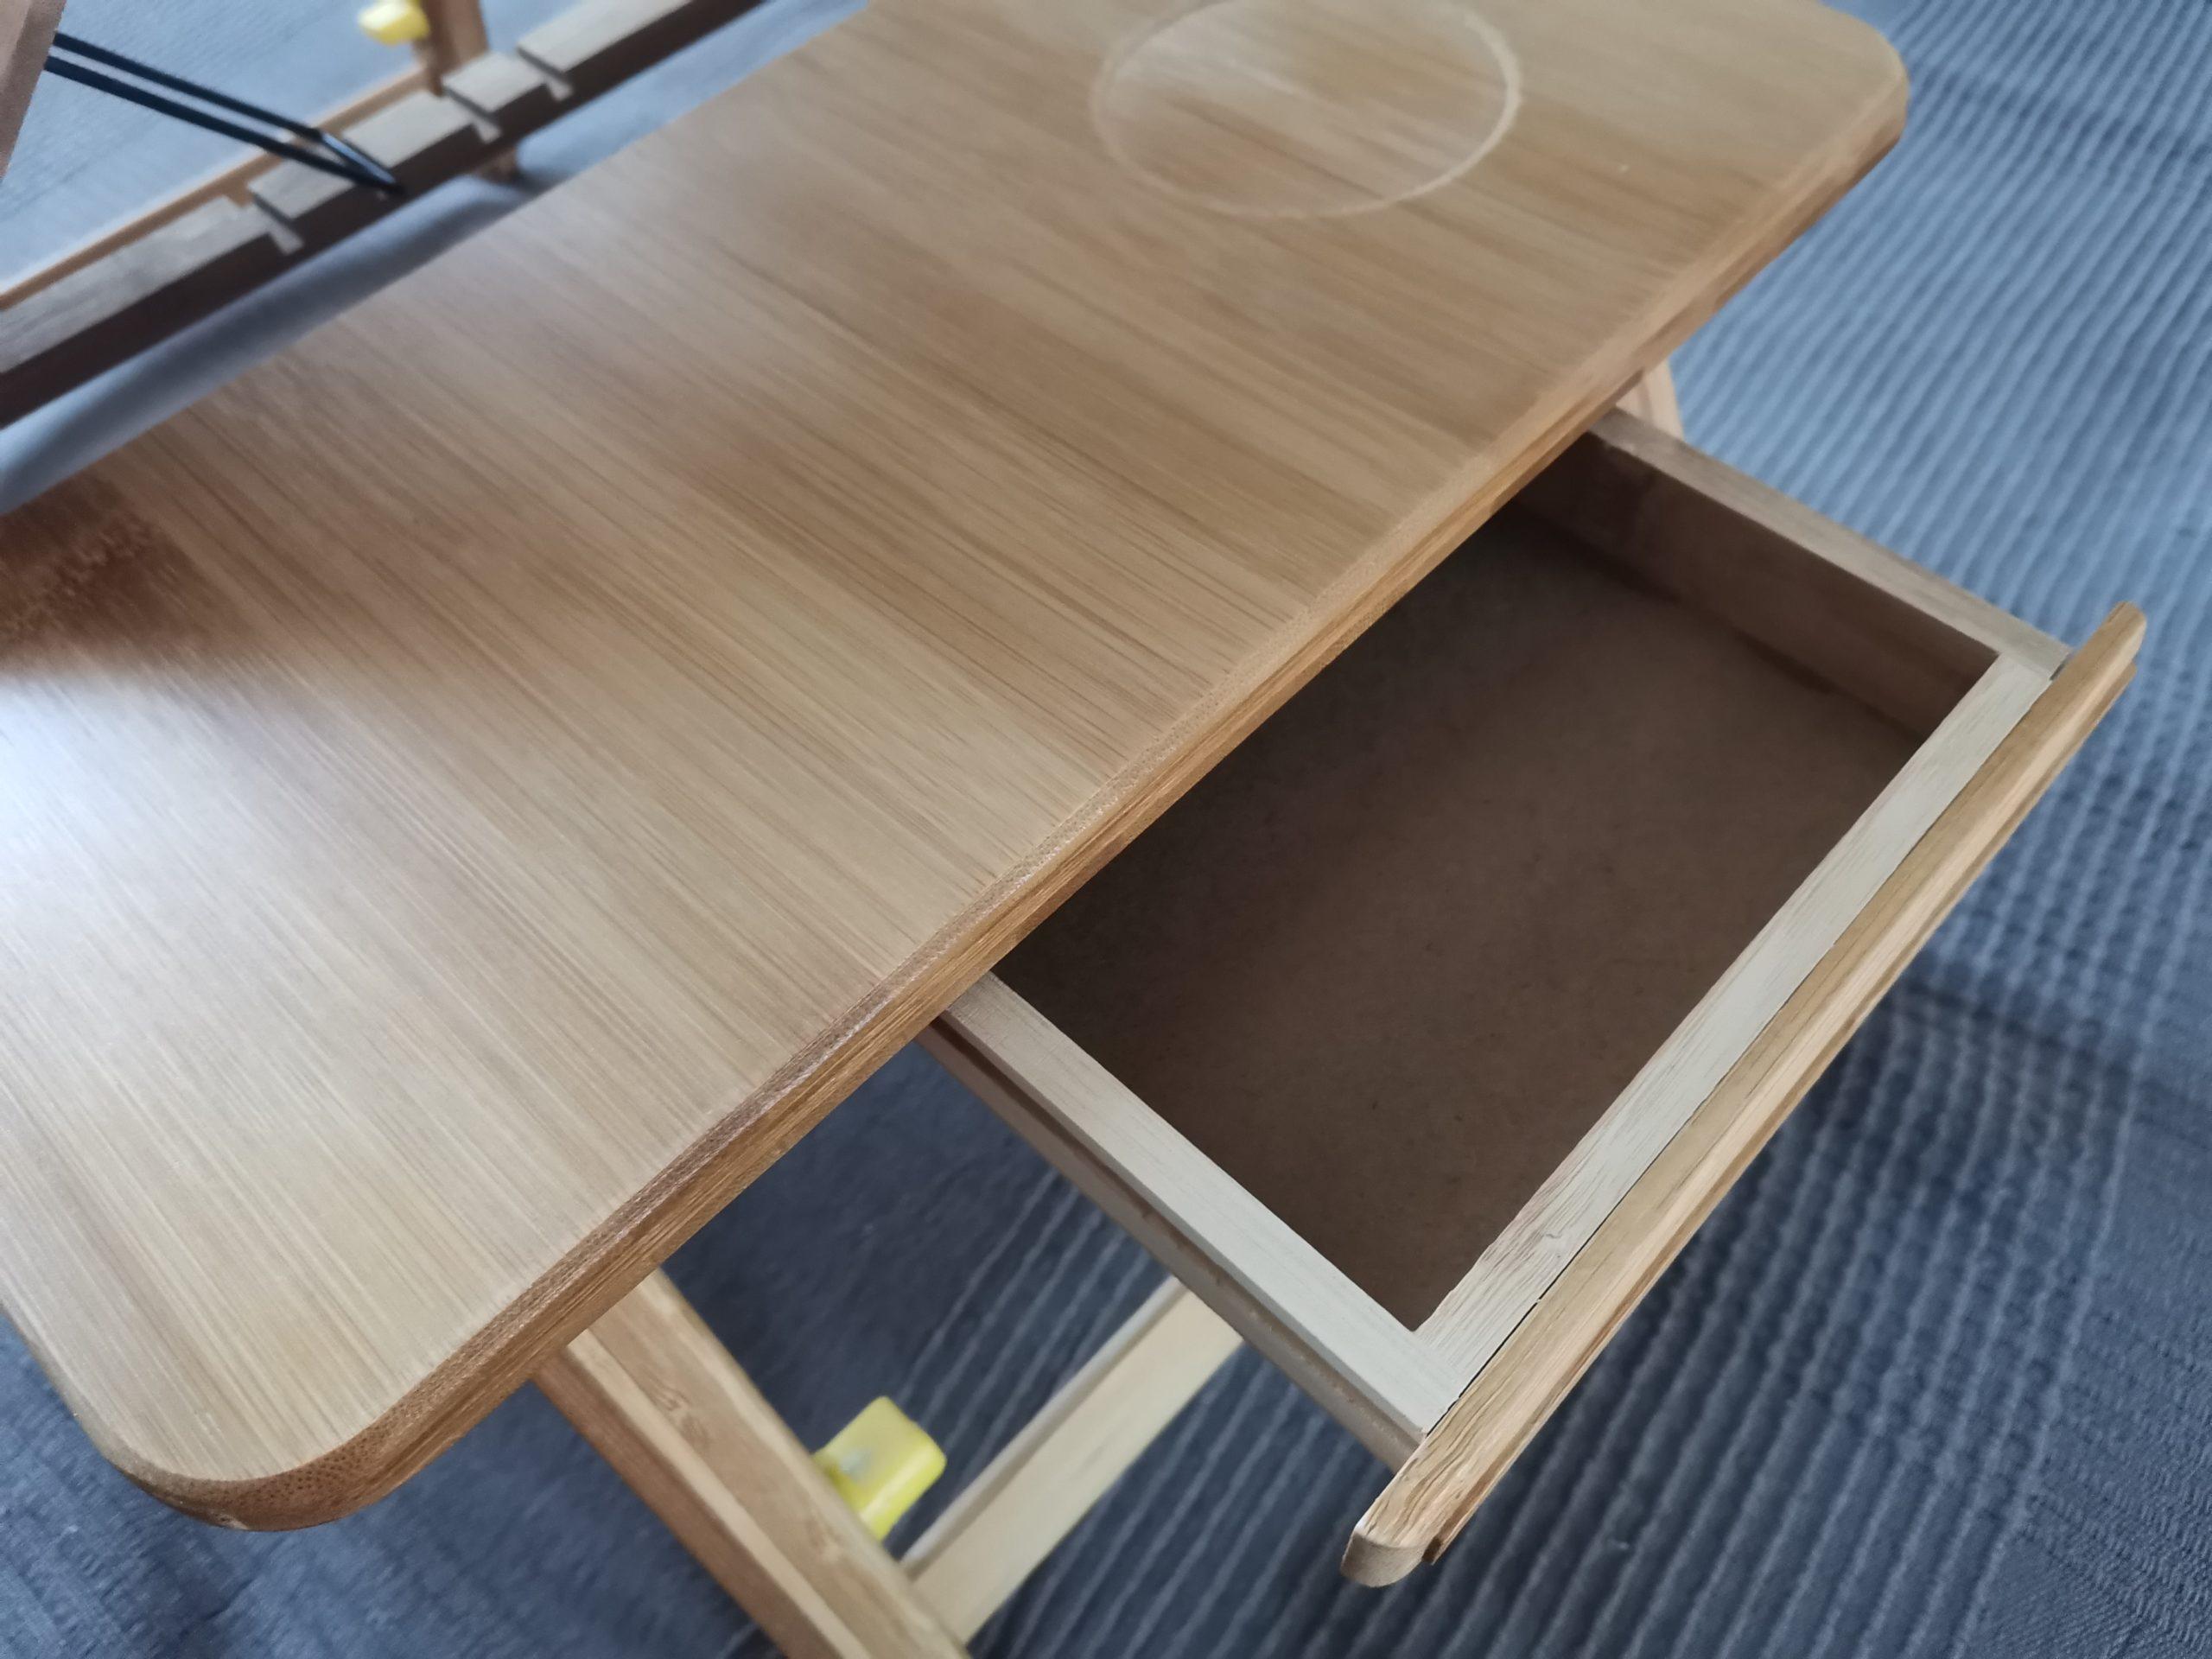 стол трансформер для ноутбука с подставкой для мыши